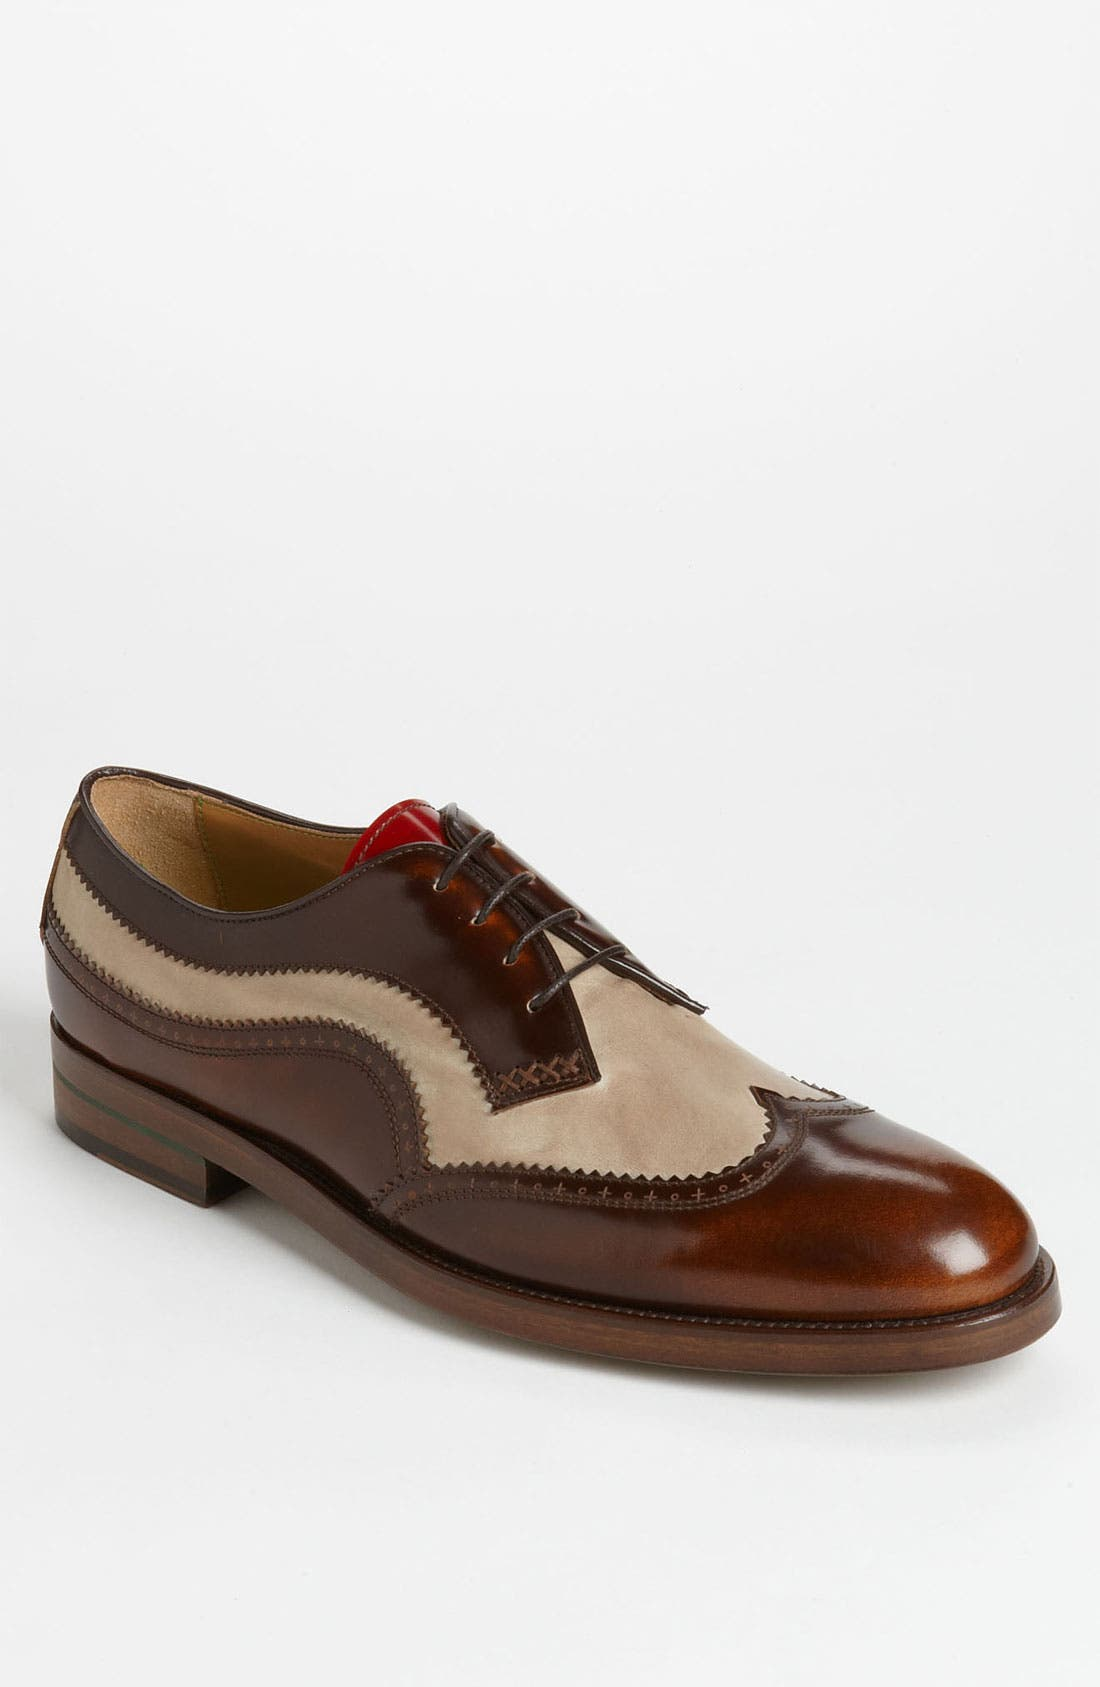 Main Image - Oliver Sweeney 'Salento' Spectator Shoe